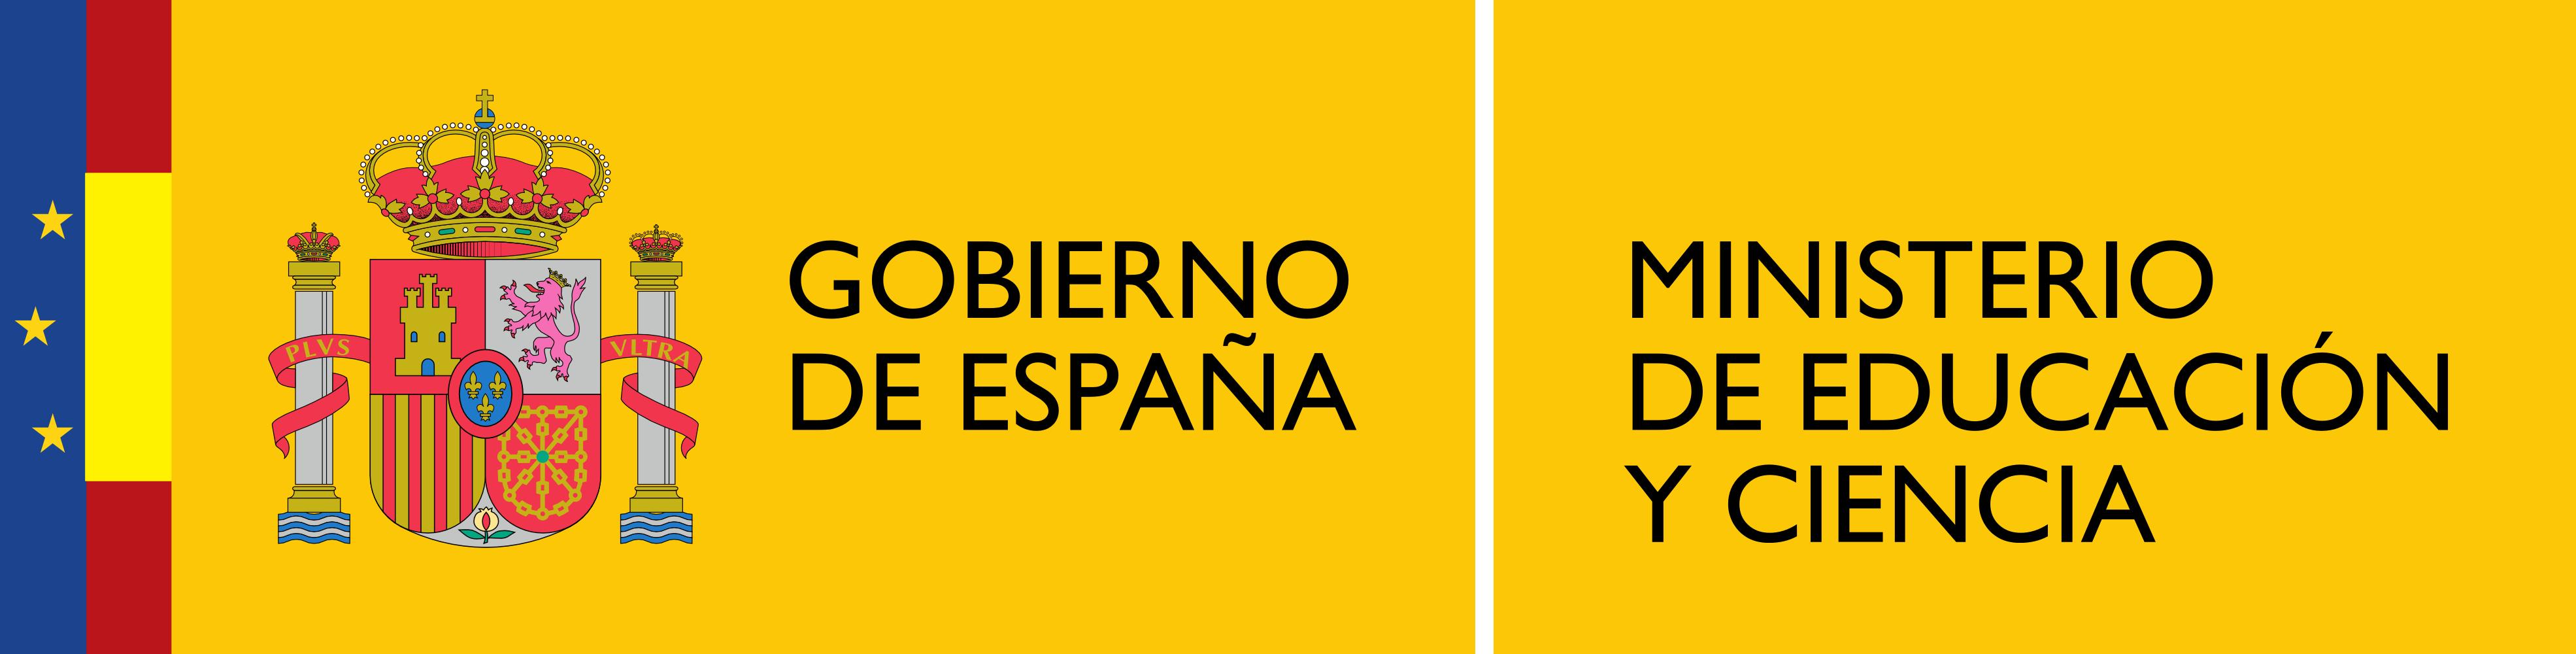 archivo logotipo del ministerio de educaci n y